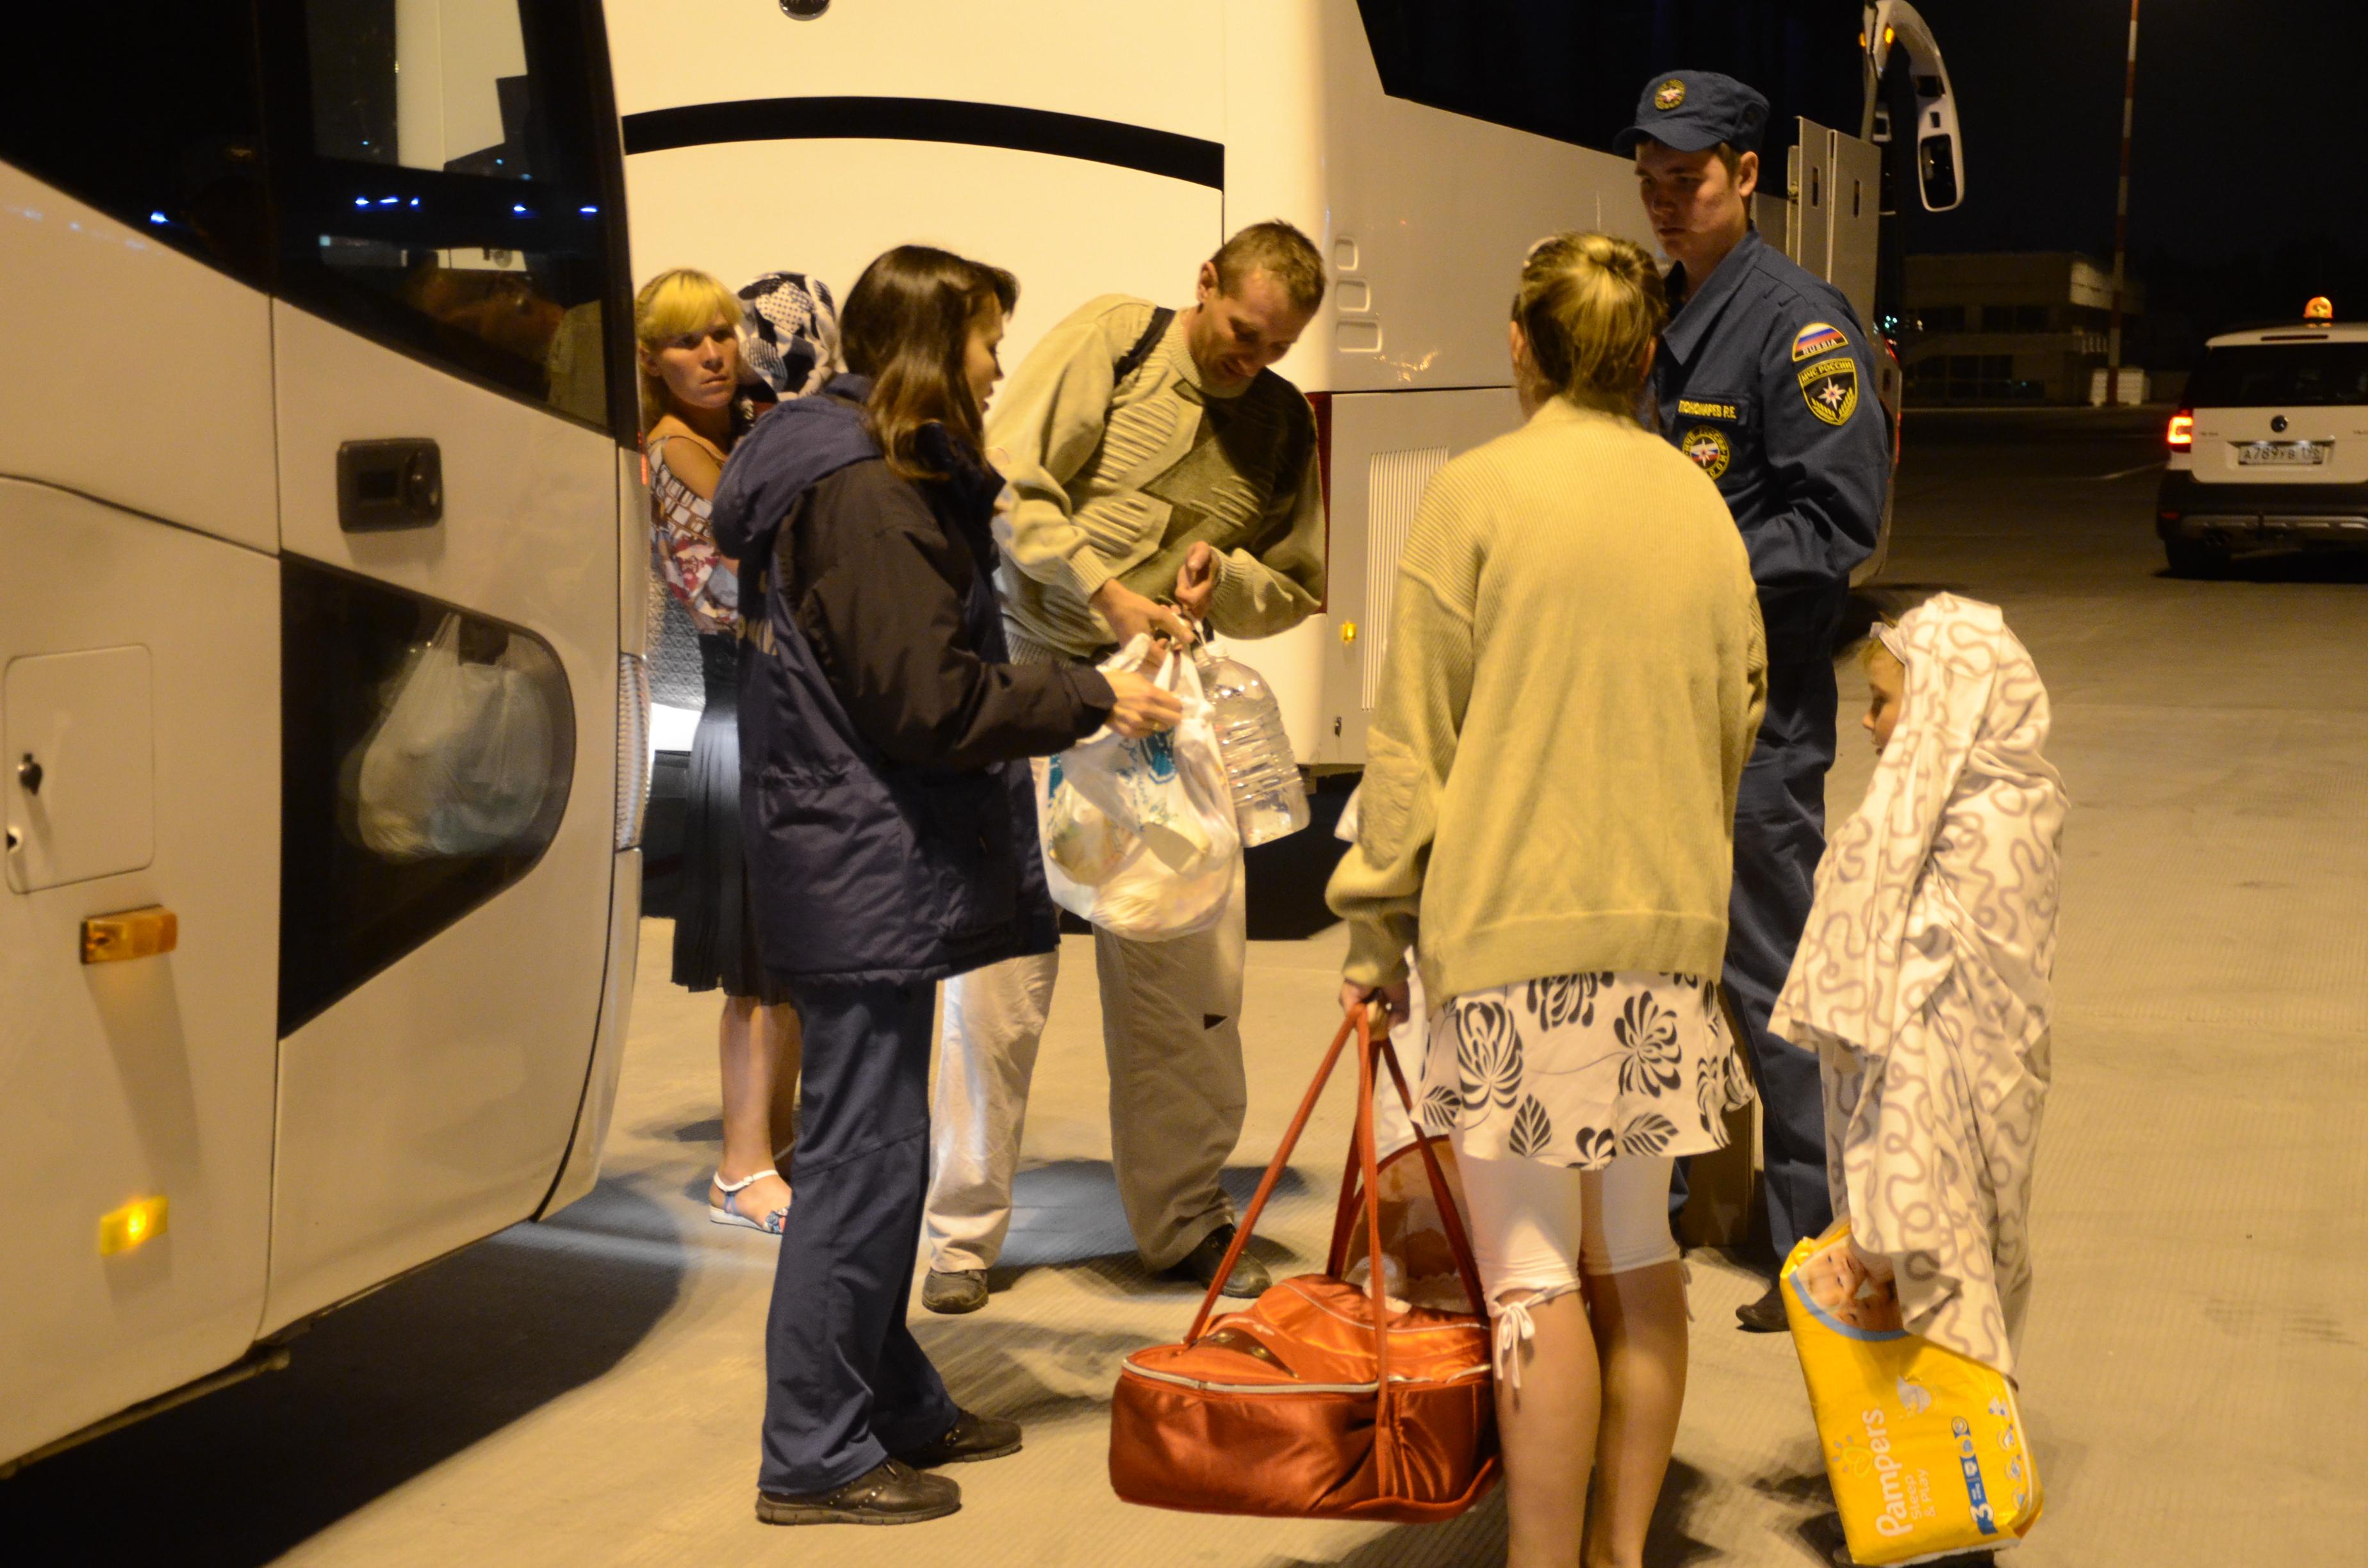 Свердловская область получит 24,7 млн рублей на содержание украинских беженцев